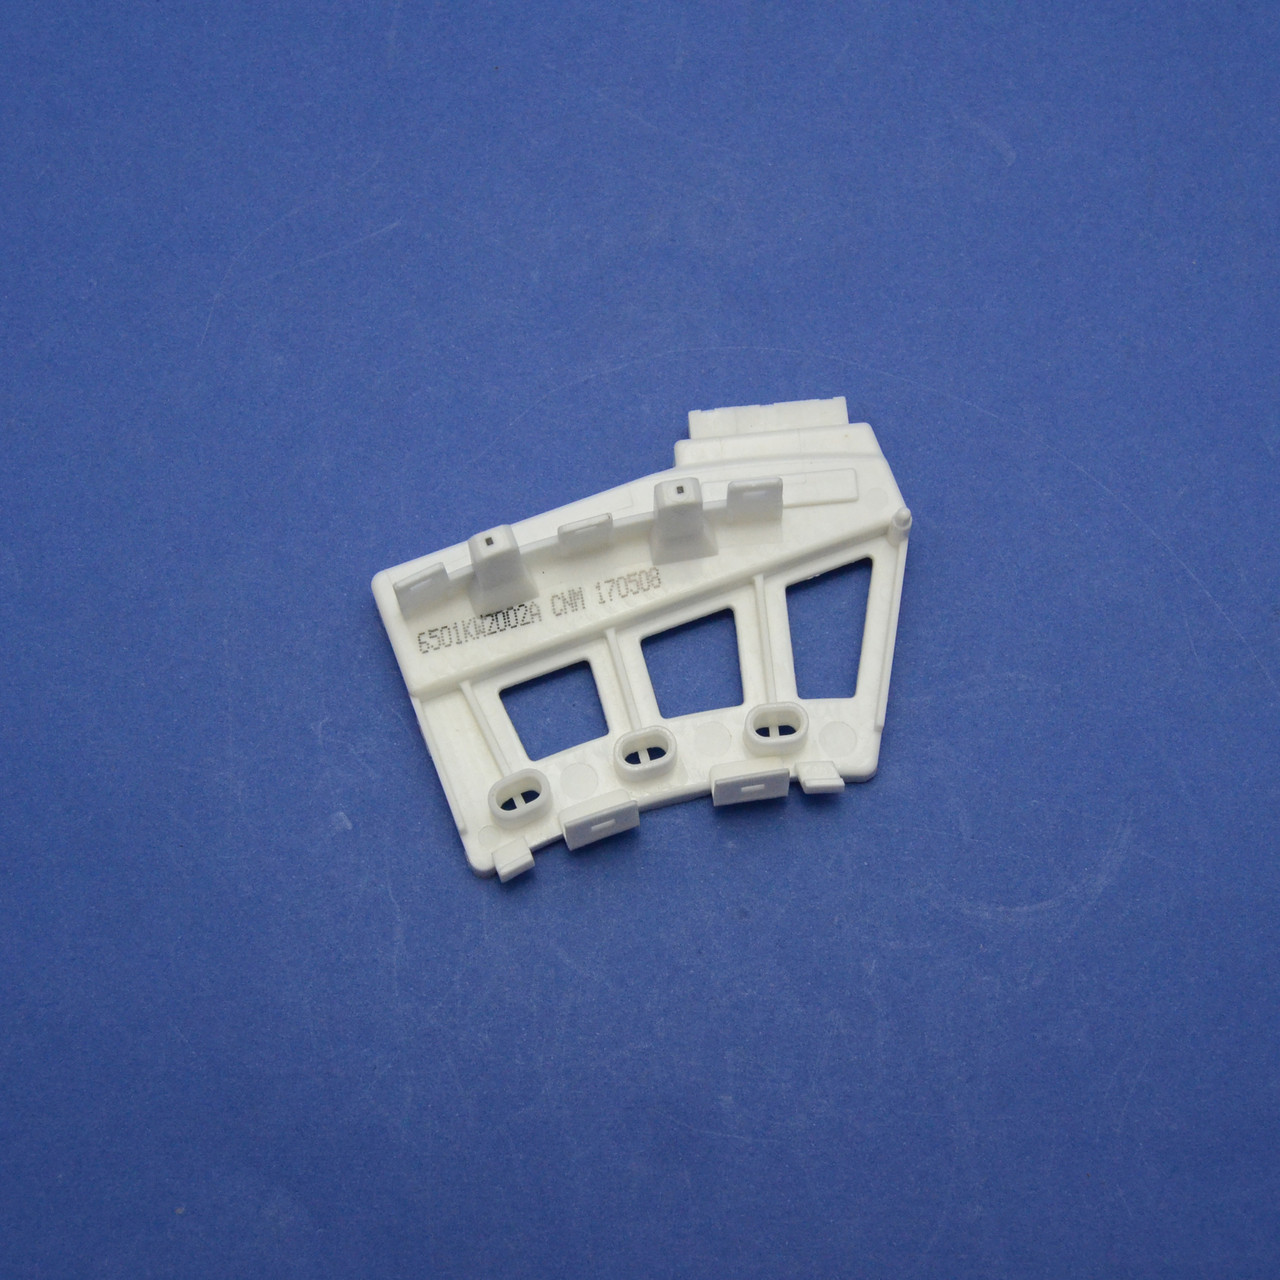 Таходатчик для стиральной машины Lg 6501KW2002A